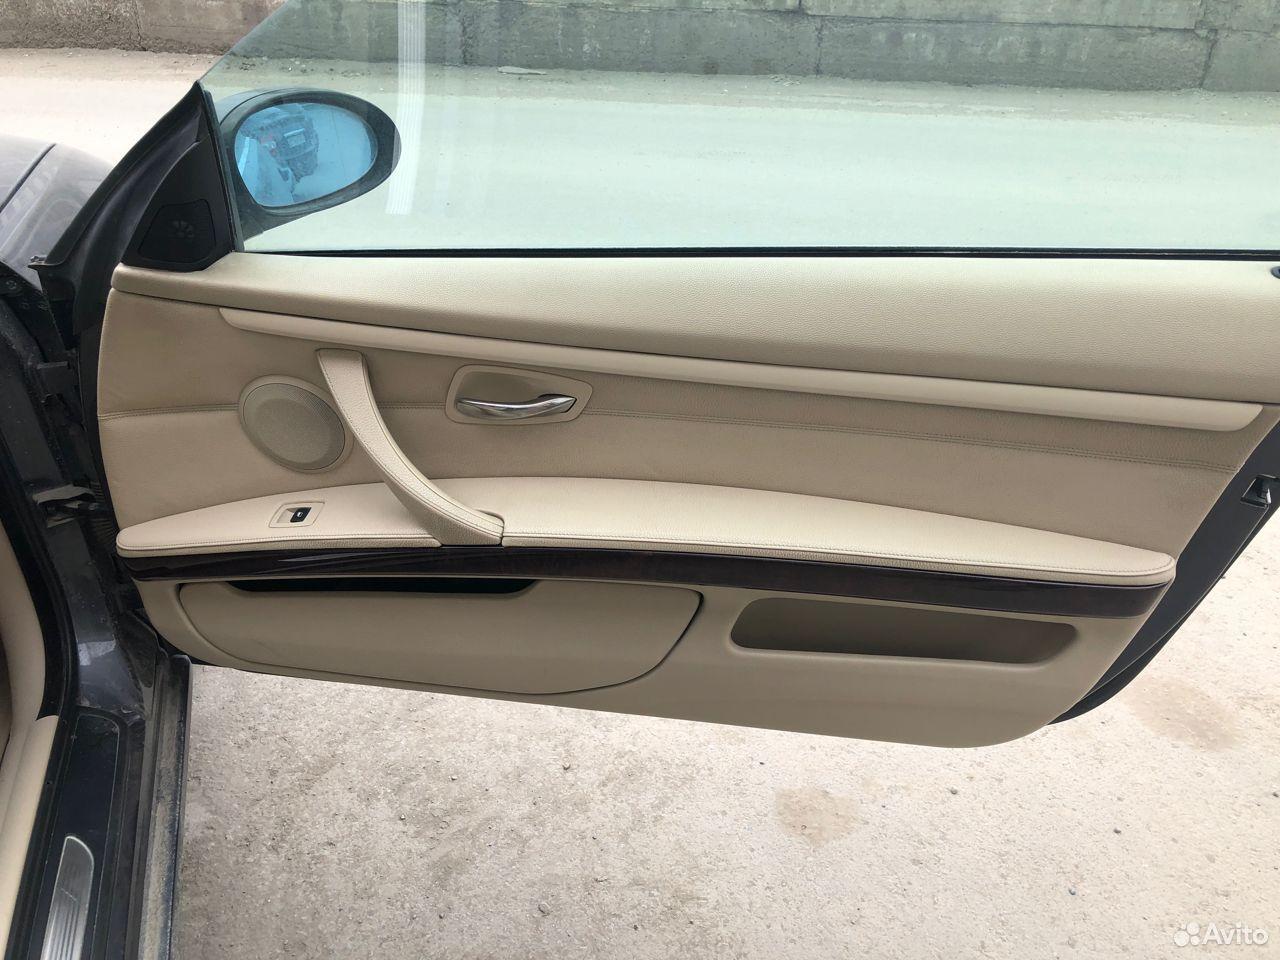 Спорт салон сиденья BMW E92 в сборе (бежевая кожа)  89638577308 купить 3